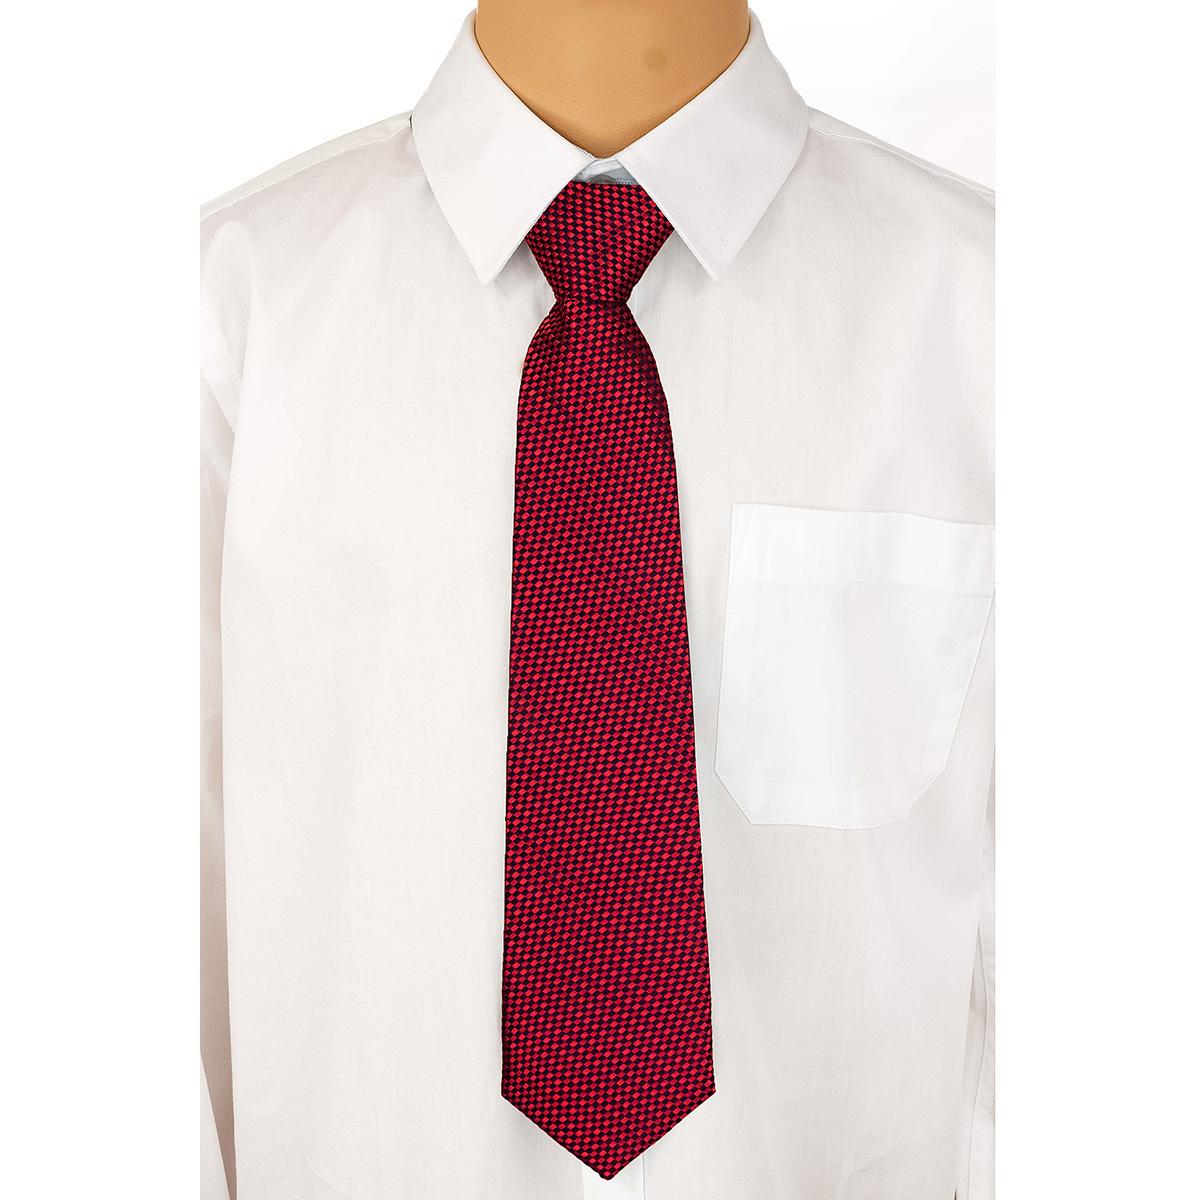 Галстук для мальчика Brostem, цвет: красный, черный. СCAL7-7. Размер универсальныйСCAL7-7Модный галстук для мальчика Brostem изготовлен из полиэстера. Обхват шеи регулируется с помощью пластикового фиксатора. Галстук оформлен оригинальным принтом.